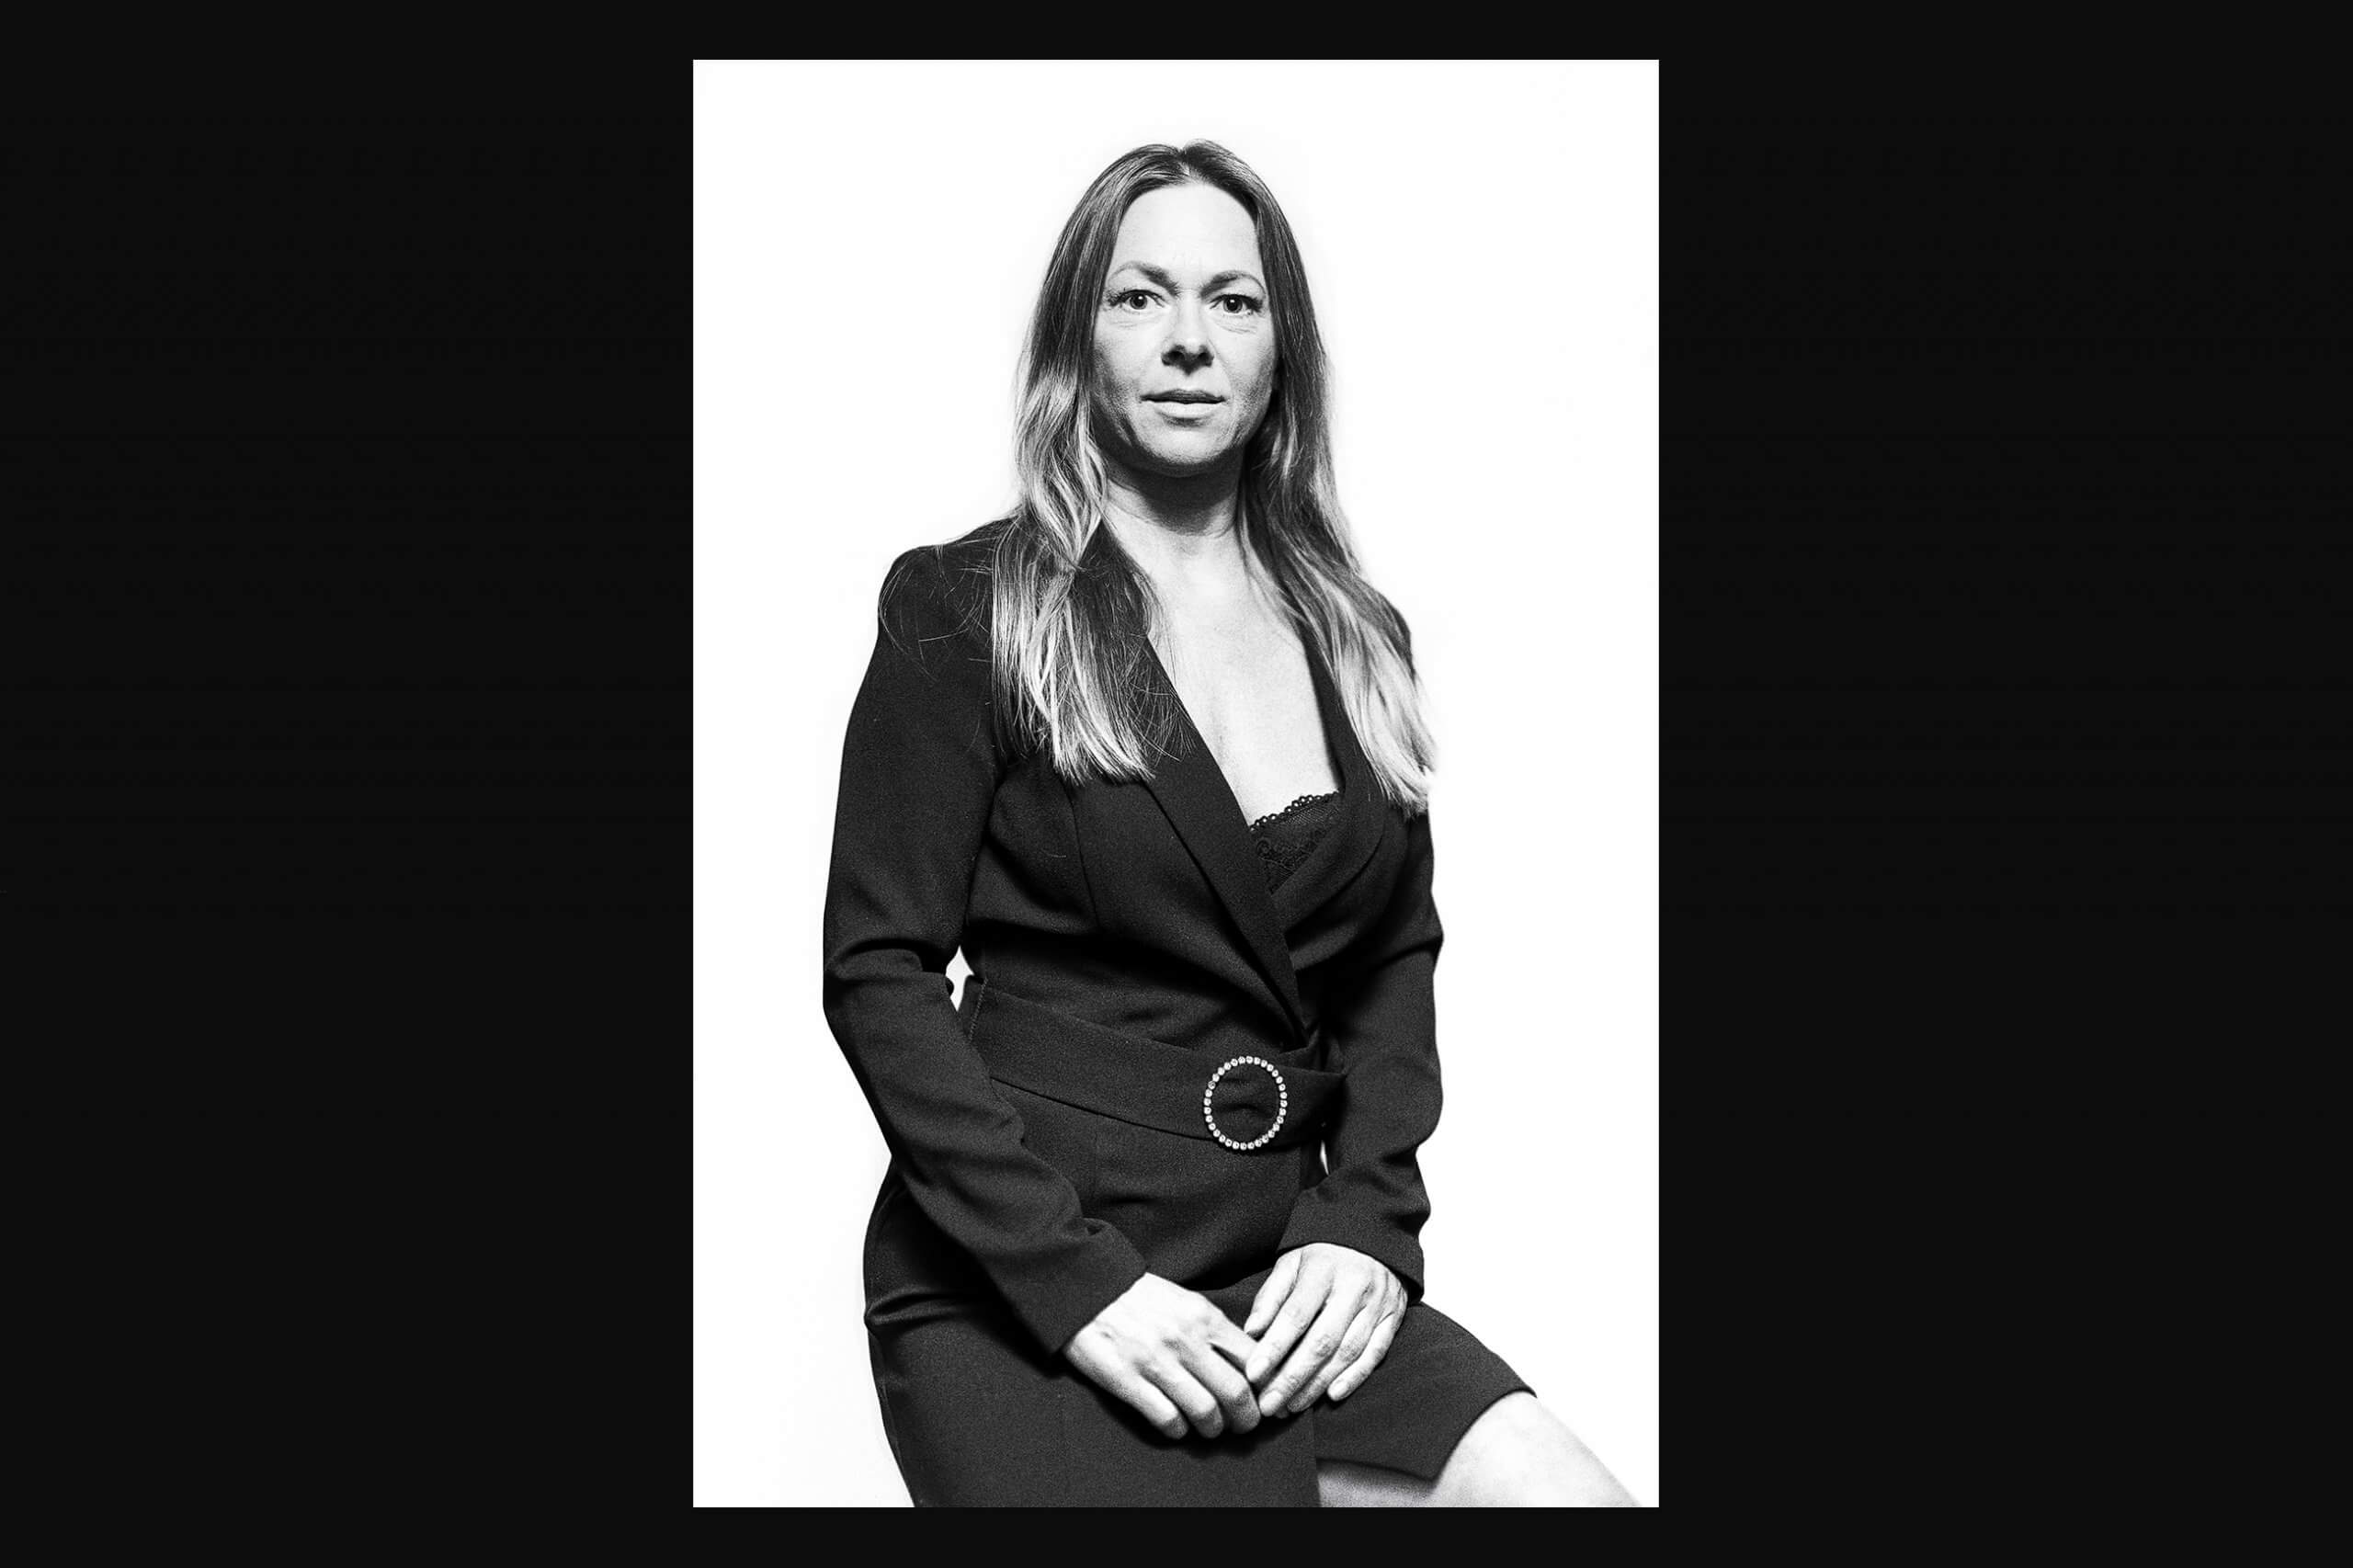 Damen Portraitfoto in schwarzweiß